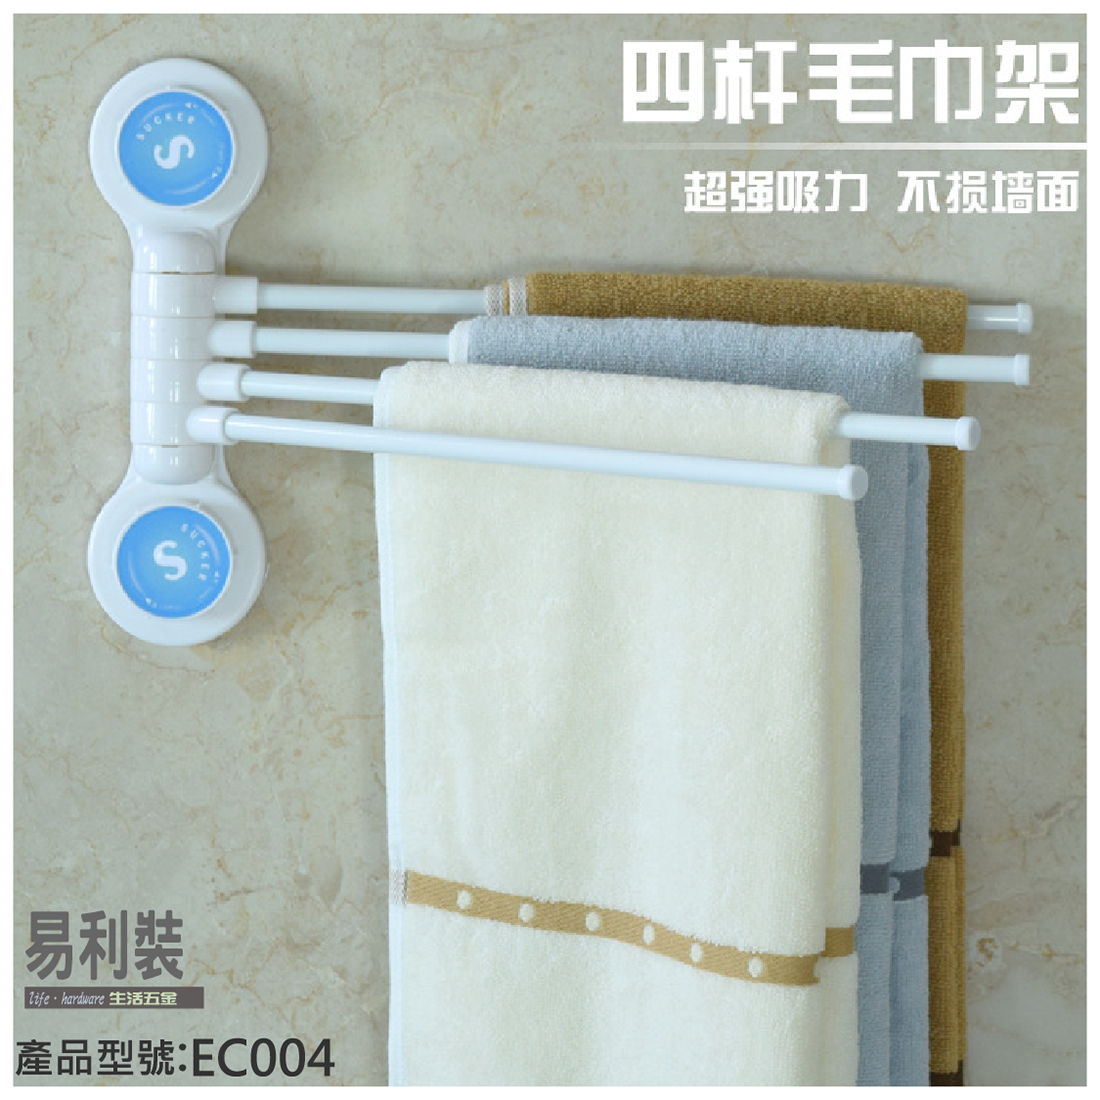 【 EASYCAN  】EC004 四桿毛巾架 易利裝生活五金 浴室 免鑽孔 吸盤式 房間 臥房 衣櫃 小資族 辦公家具 系統家具